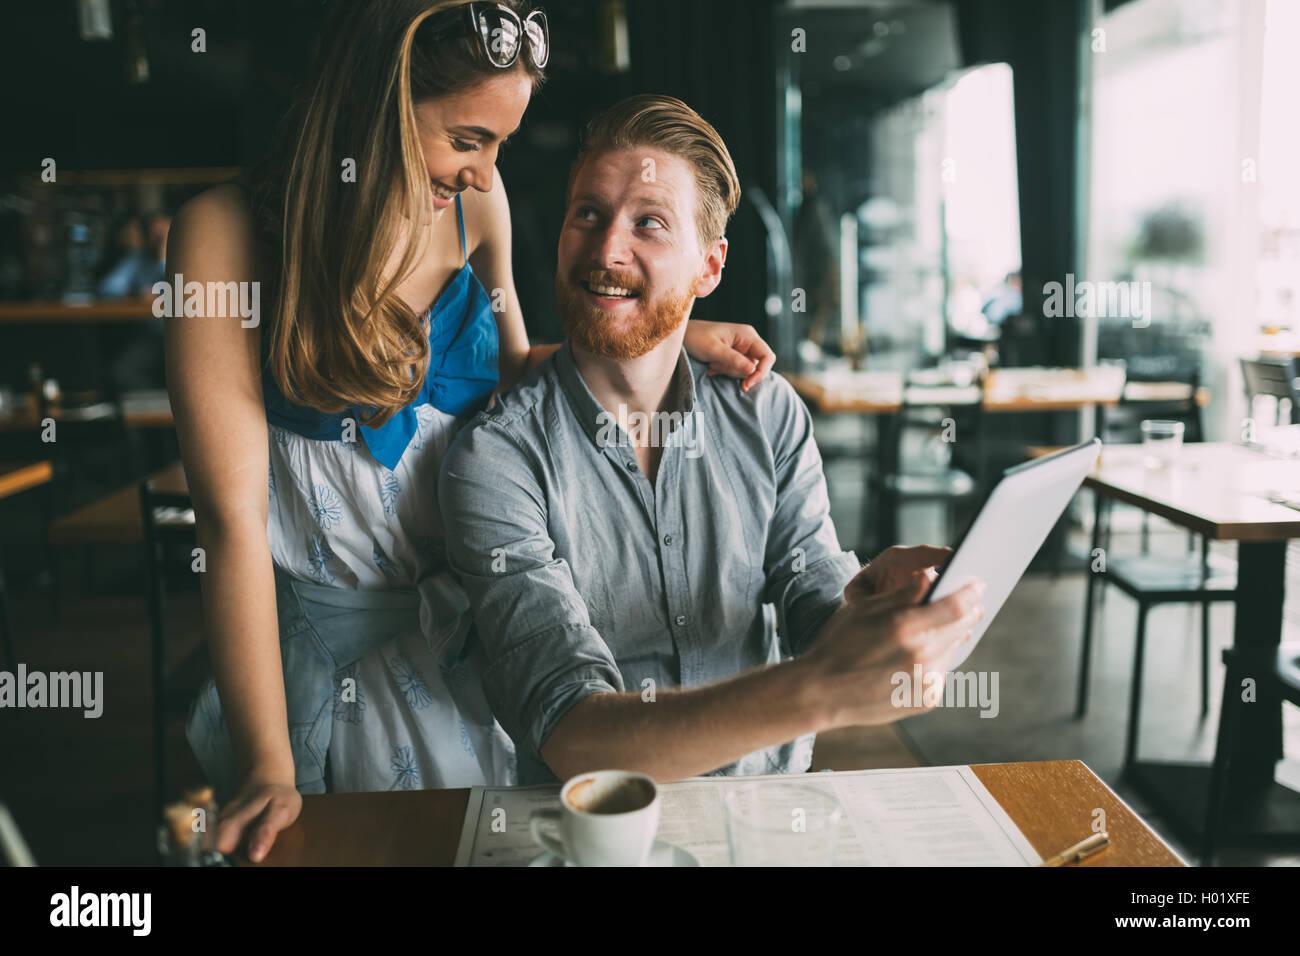 Frau und Mann Flirten im Café während der Diskussion Tablet-Inhalte Stockbild